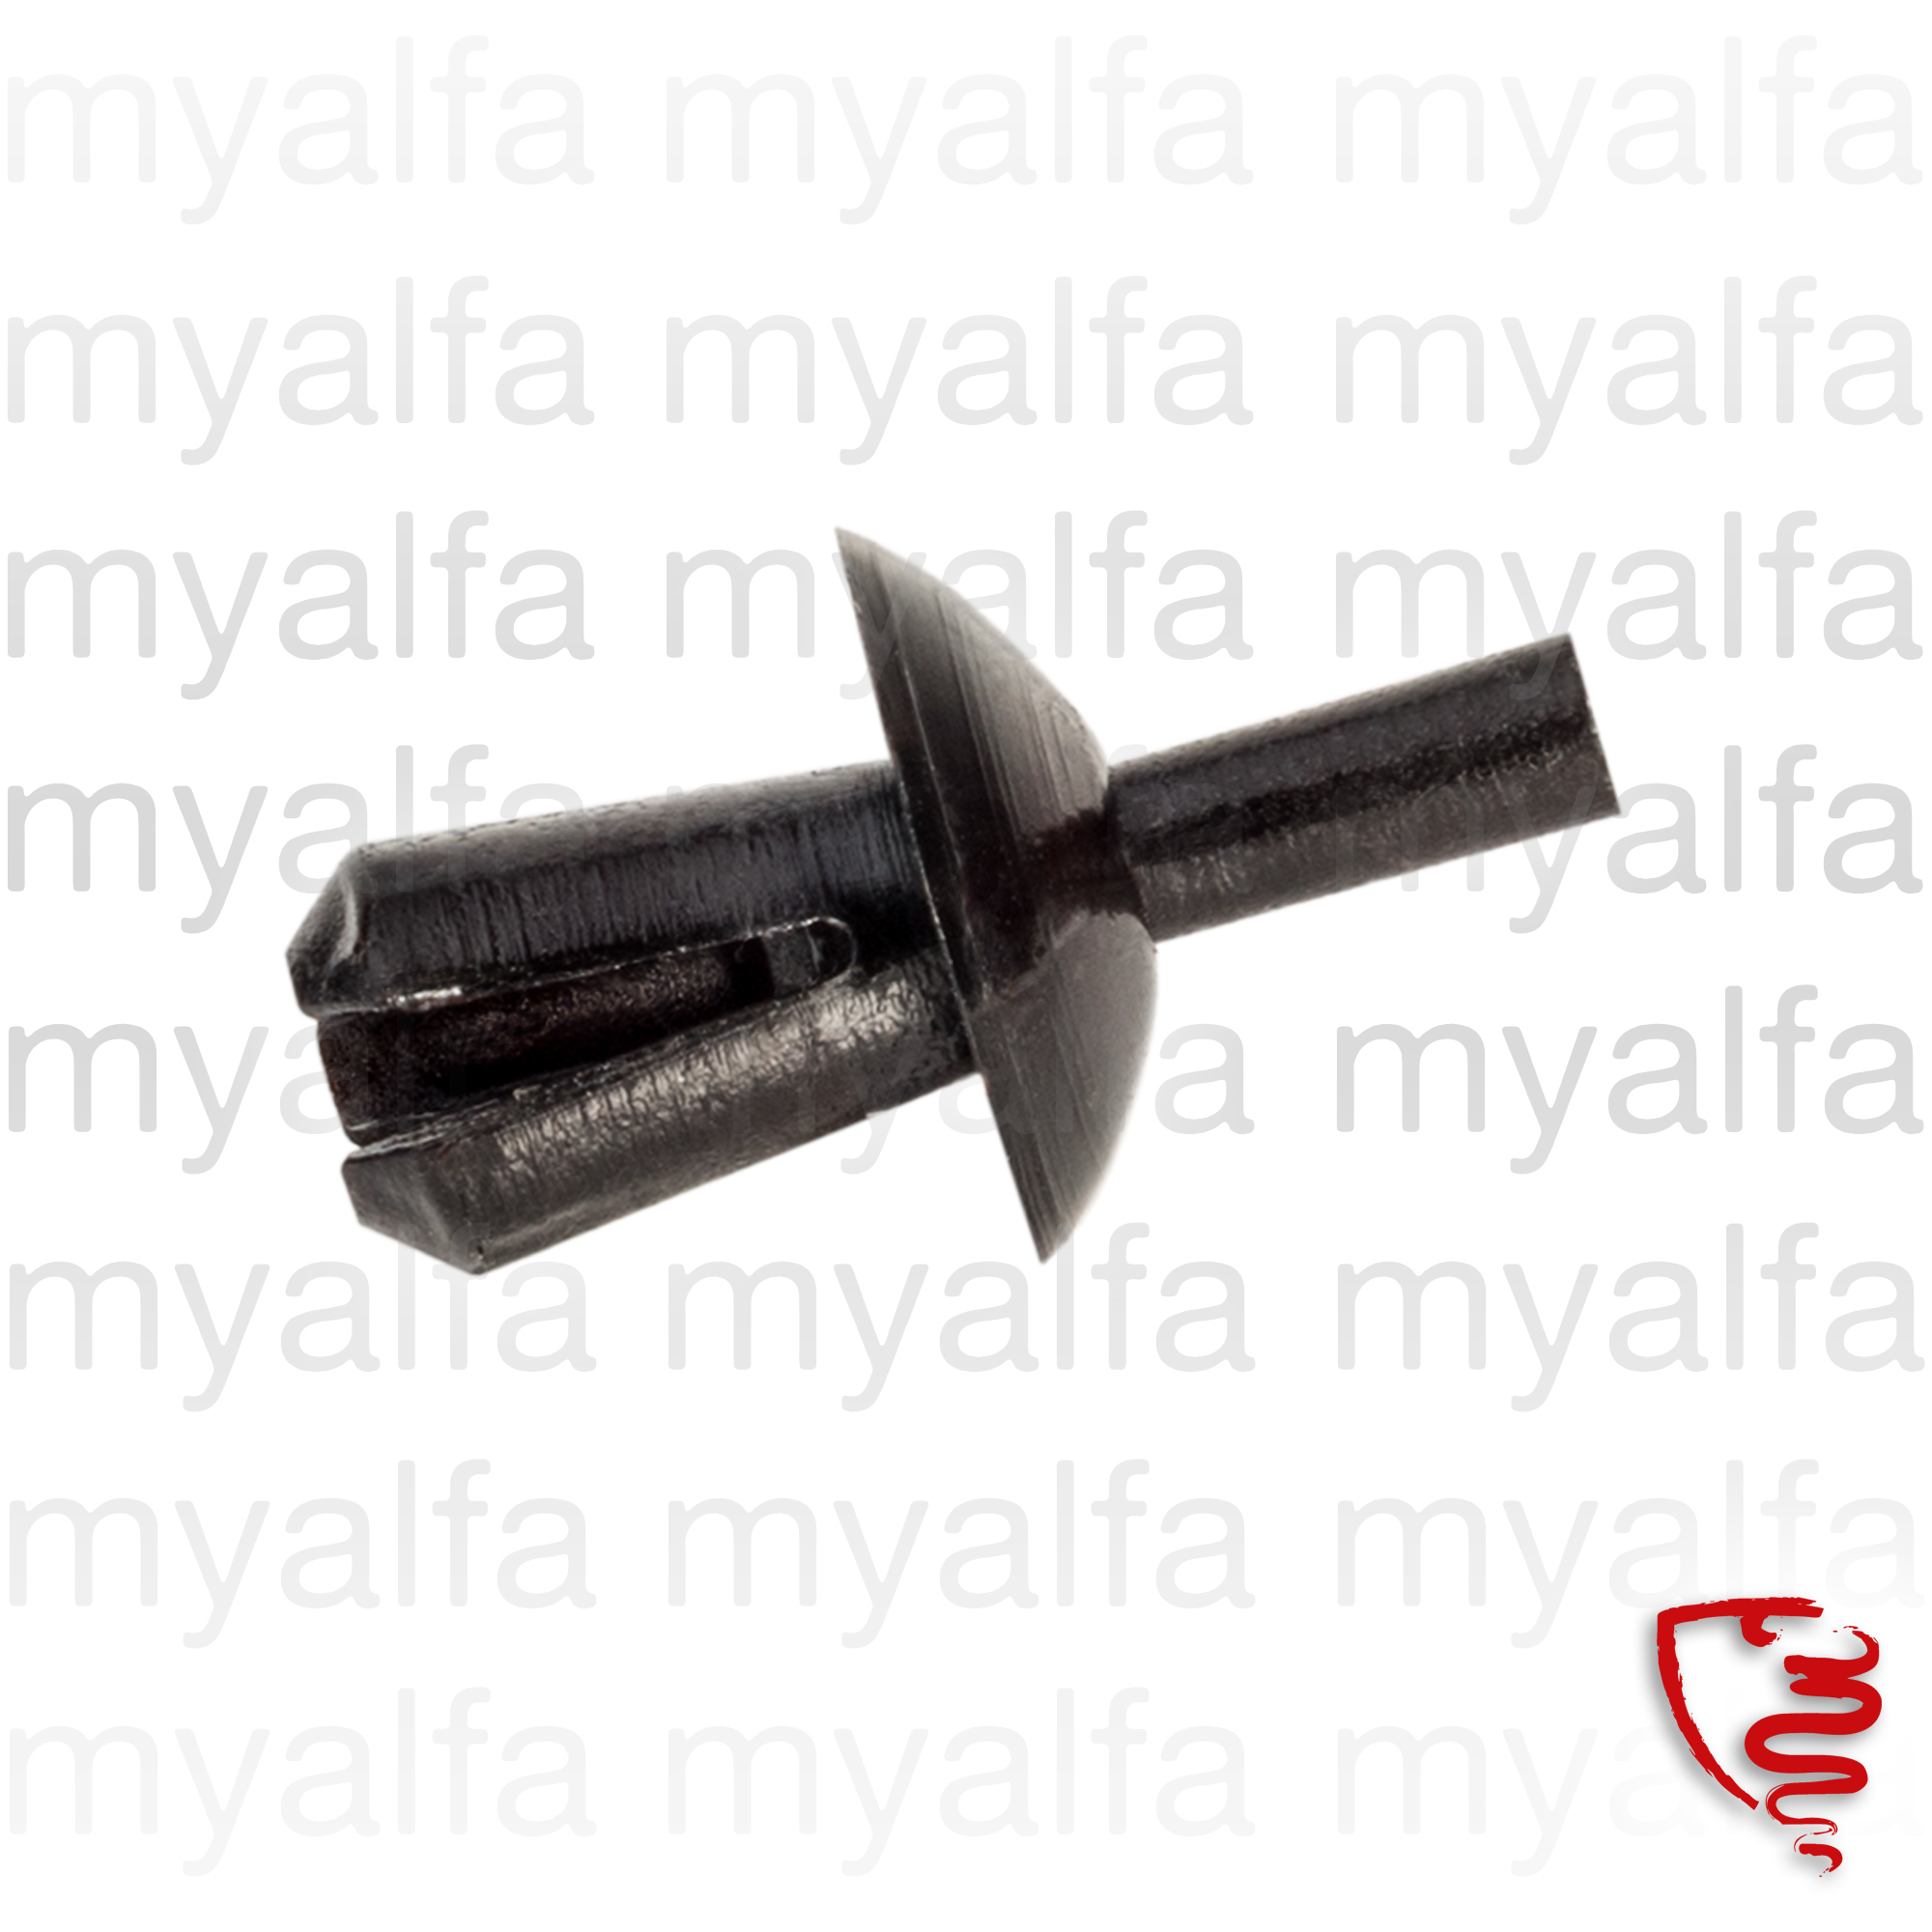 Revite plastic for Spider Door Seal for 105/115, Spider, Body parts, Chrome Parts, Door, Rubber parts, Door grommets/felt/seals